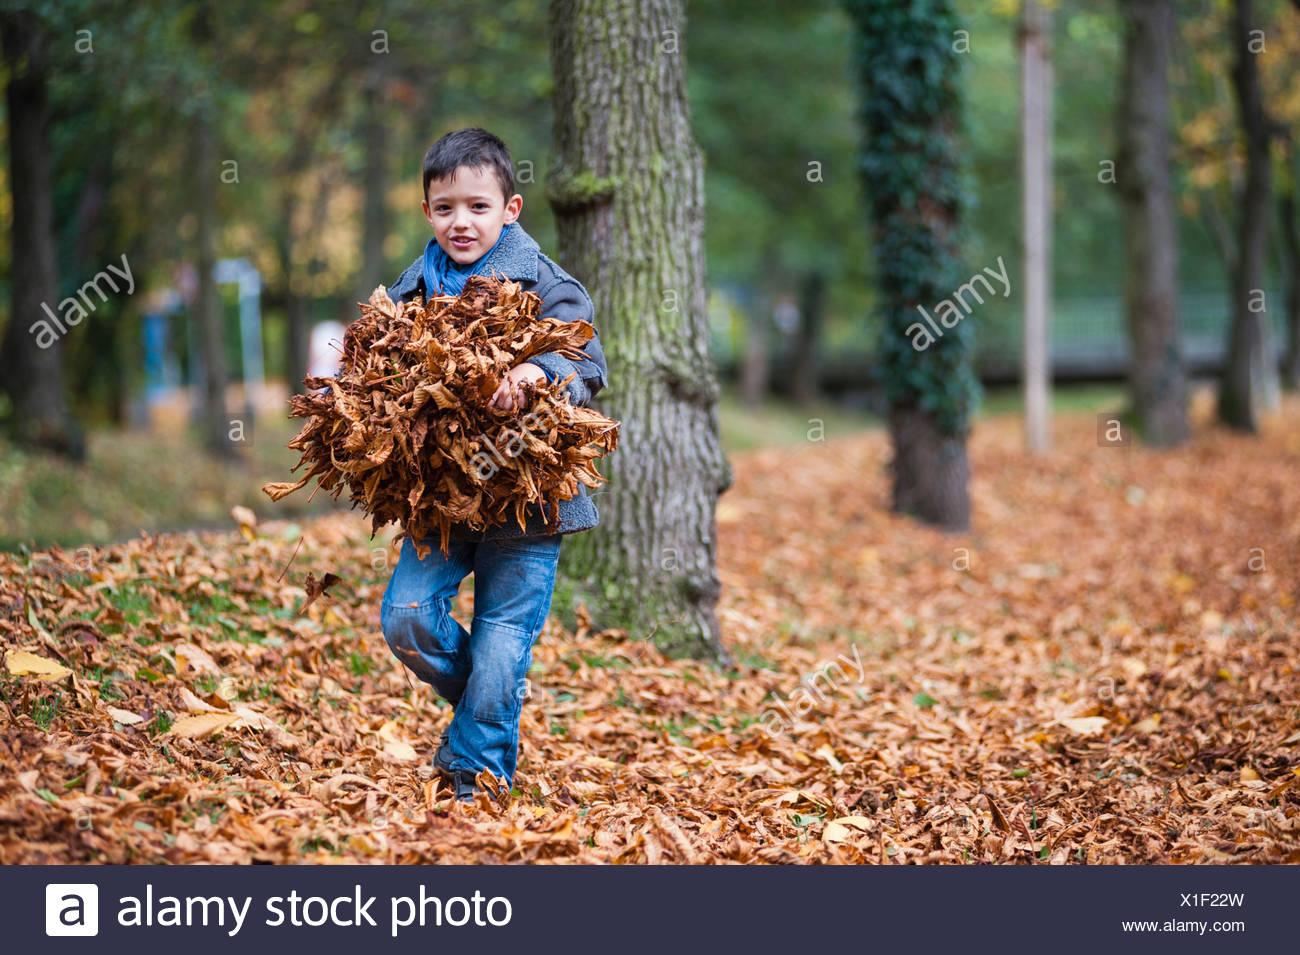 Jeune garçon exerçant son paquet de feuilles d'automne dans le parc Banque D'Images